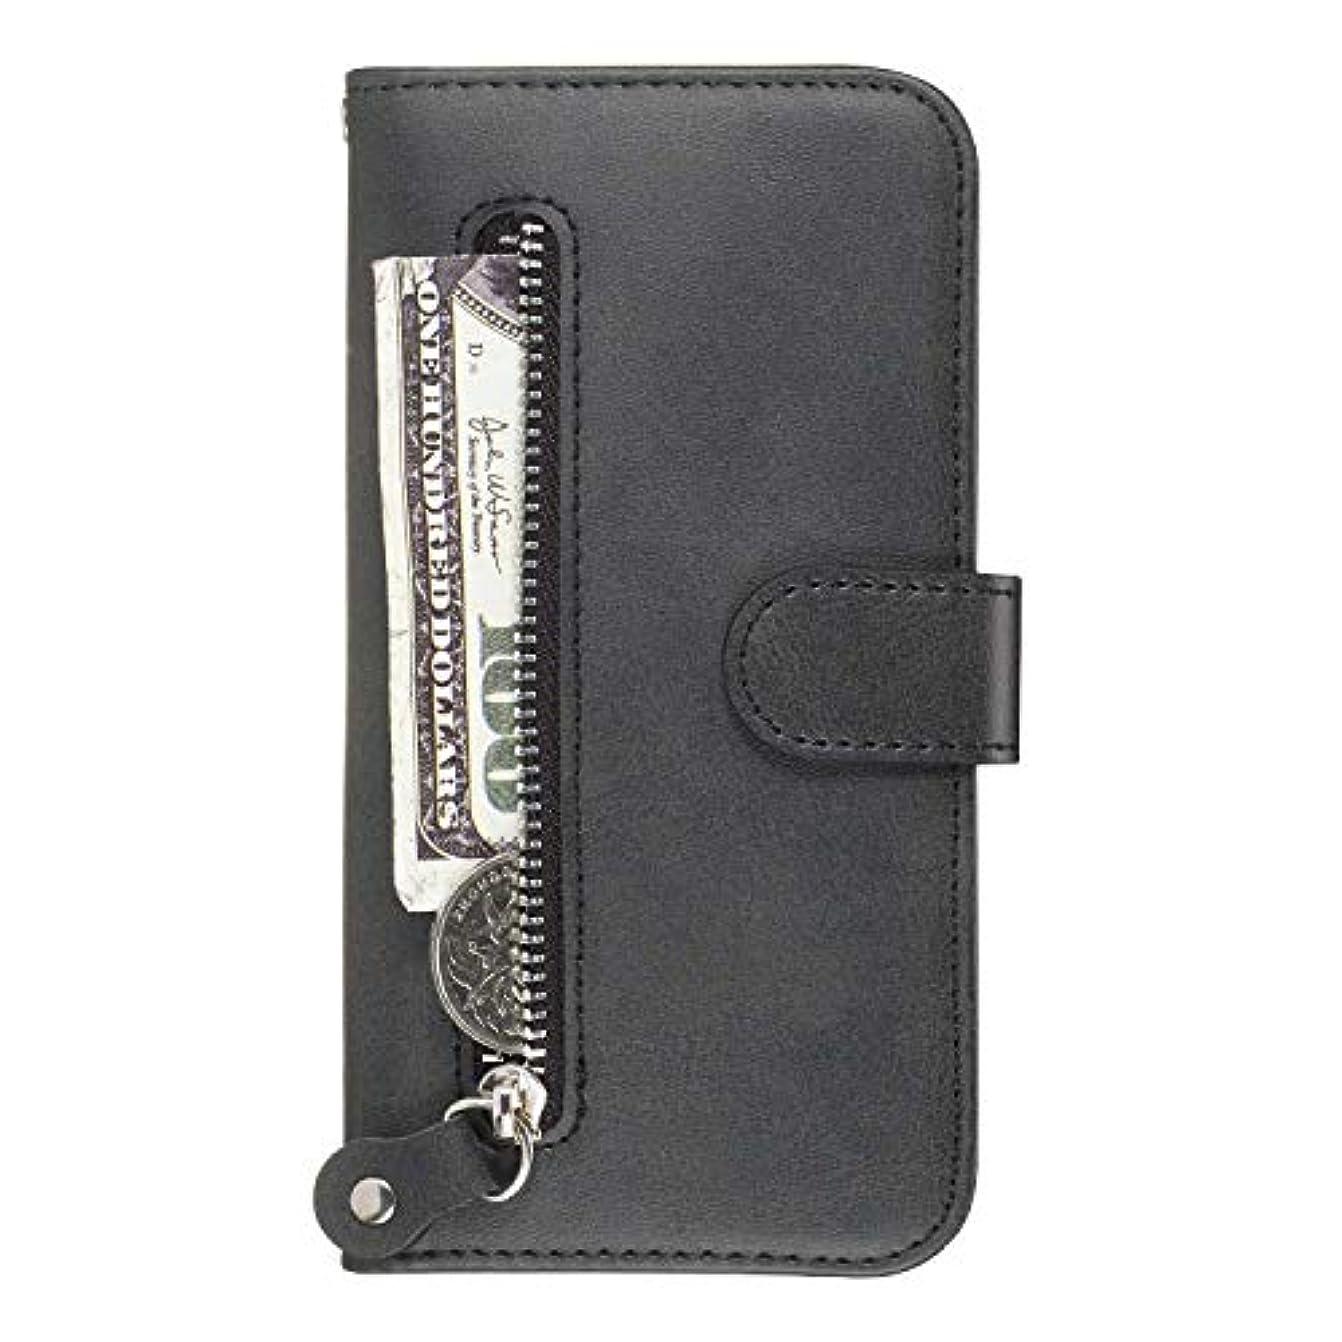 分注する内なる焦がすOMATENTI iPhone X/iPhone XS ケース, 軽量 PUレザー 薄型 簡約風 人気カバー バックケース iPhone X/iPhone XS 用 Case Cover, 液晶保護 カード収納, 財布と...